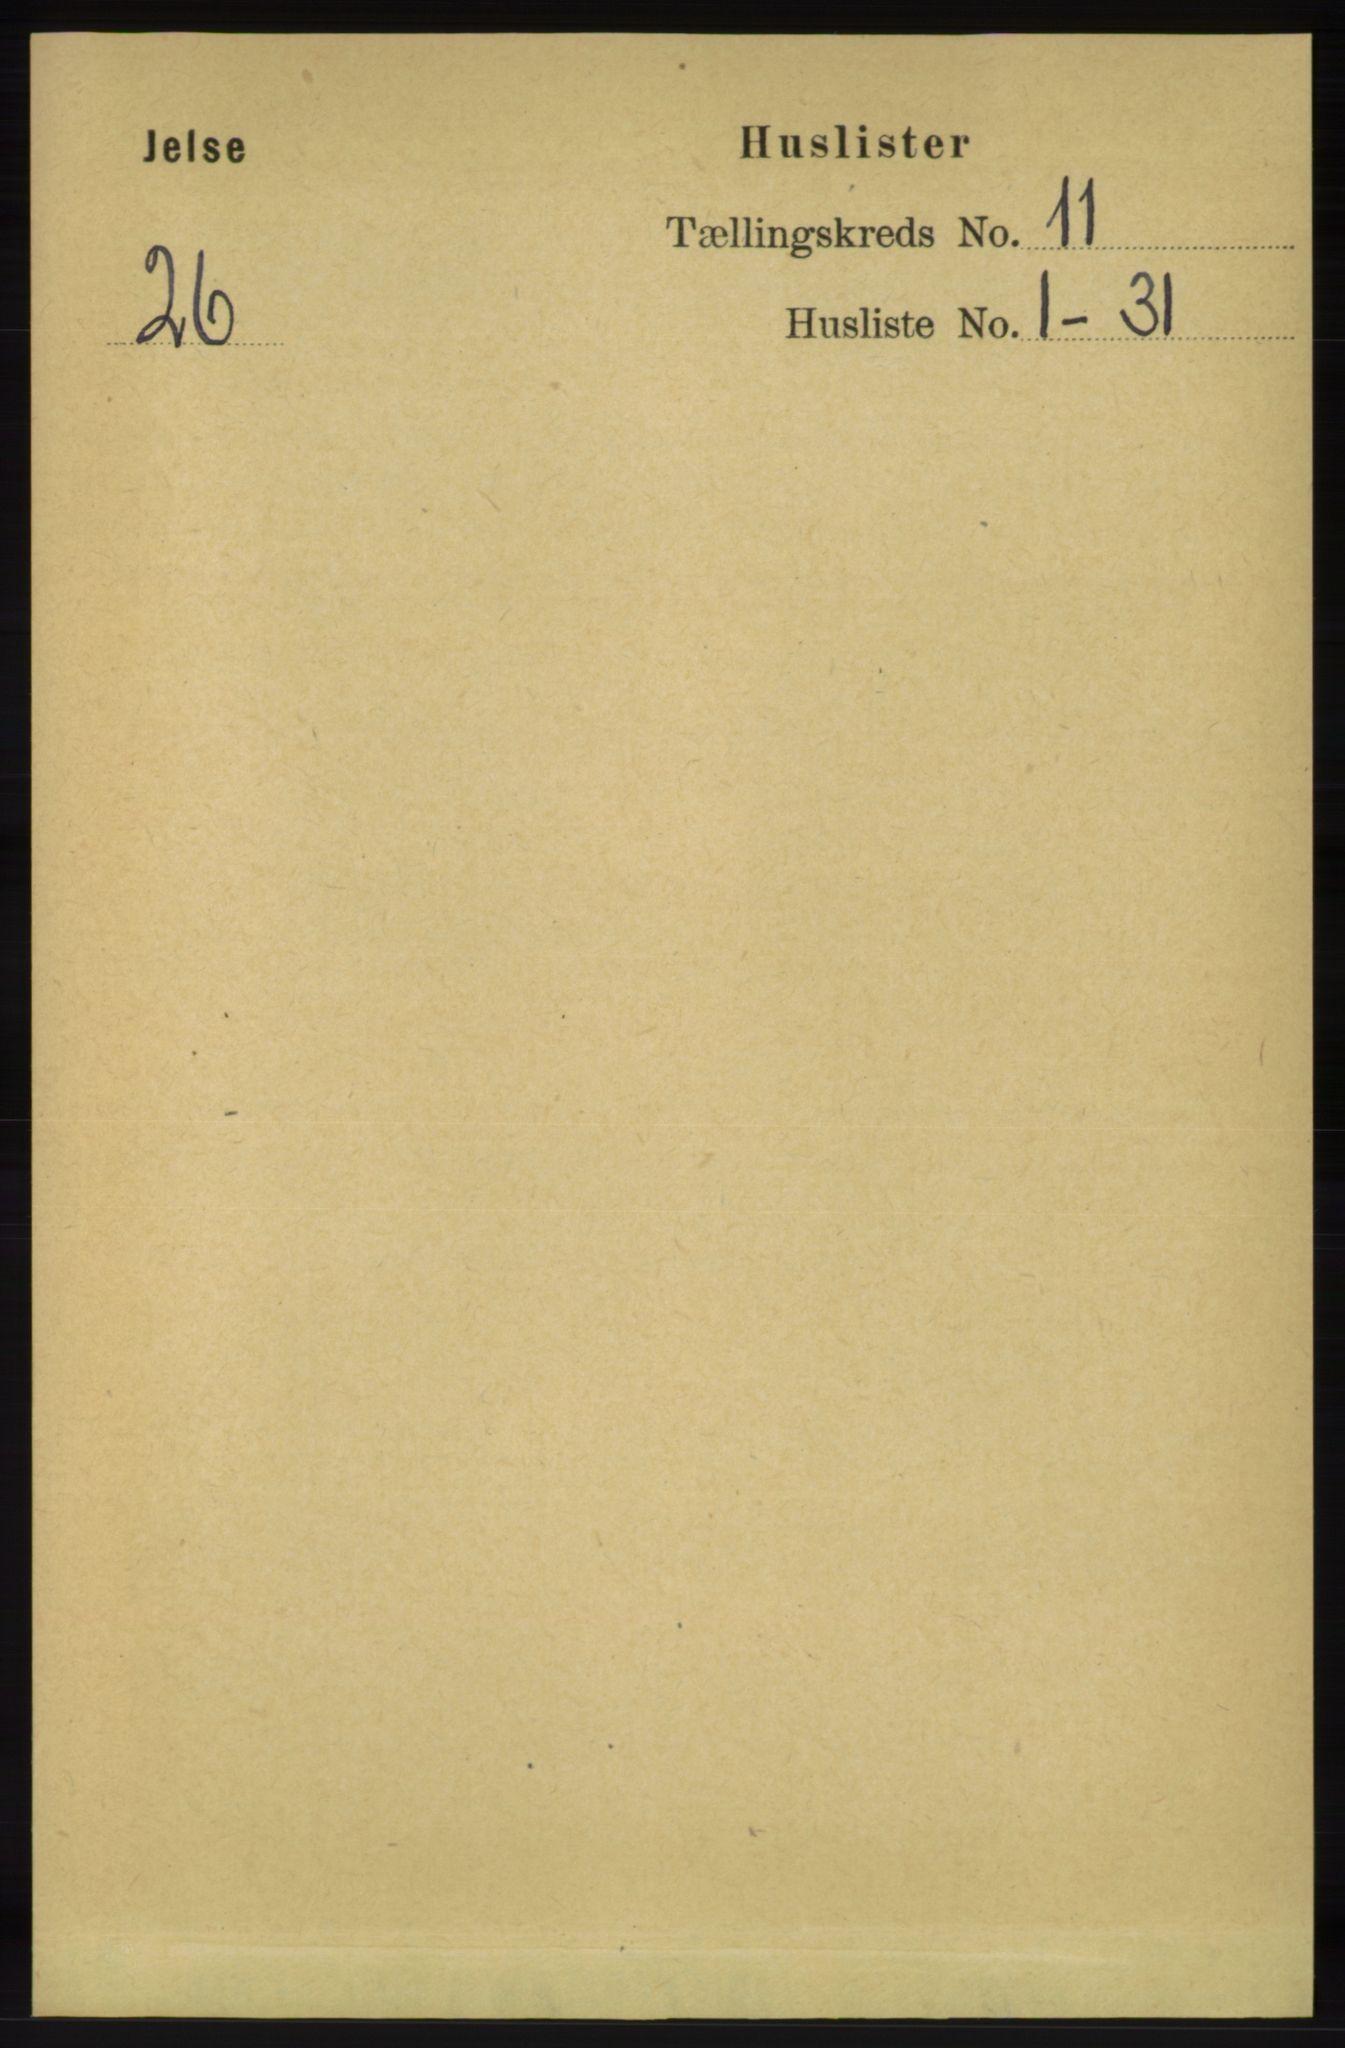 RA, Folketelling 1891 for 1138 Jelsa herred, 1891, s. 2738